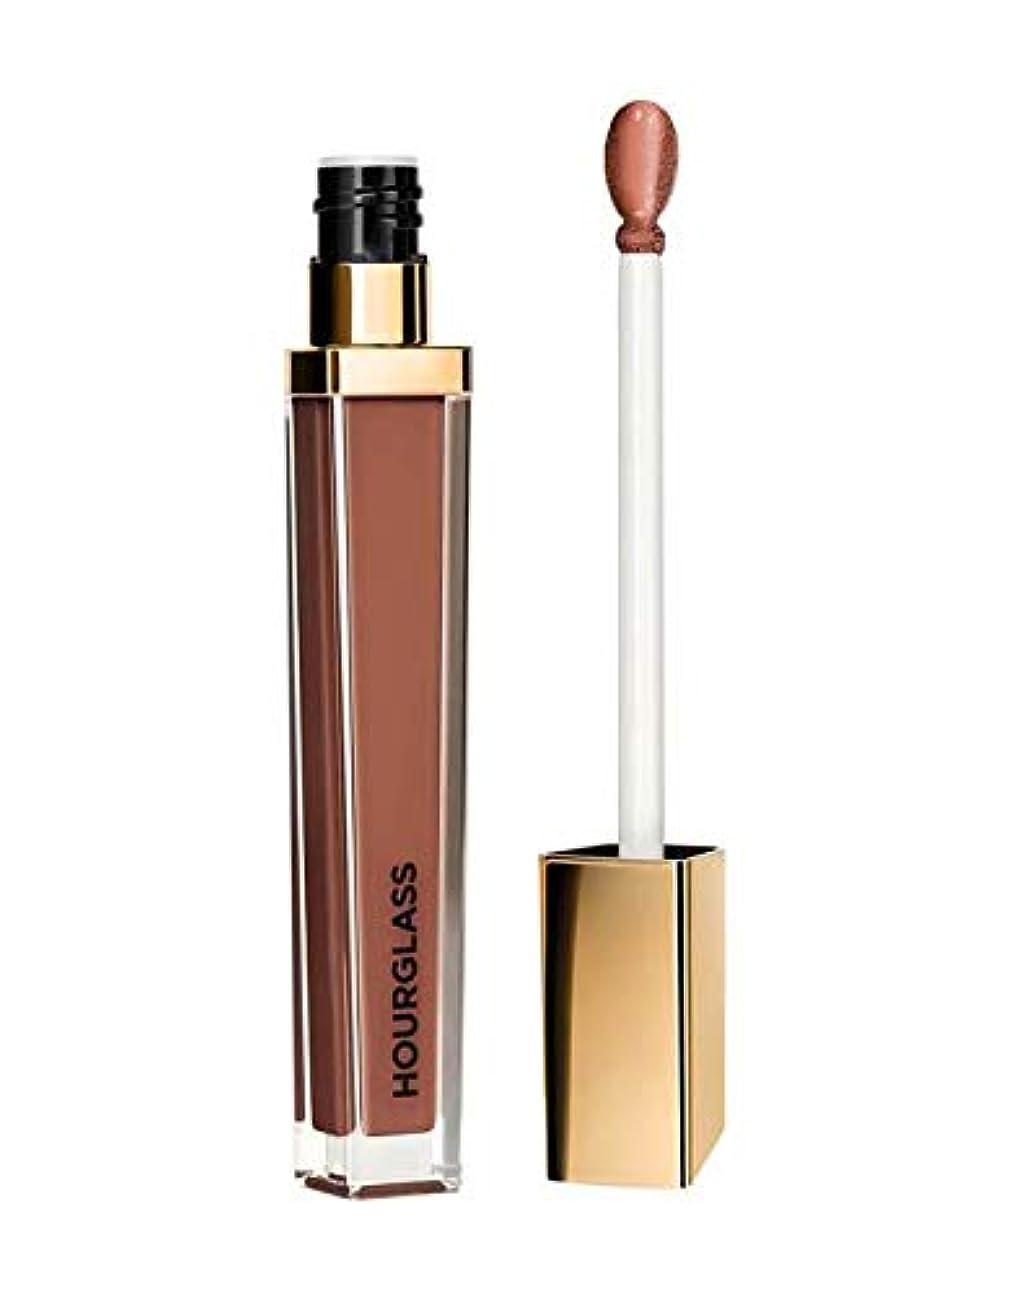 逆さまに突然の生じるHOURGLASS Unreal™ High Shine Volumizing Lip Gloss (Dusk)